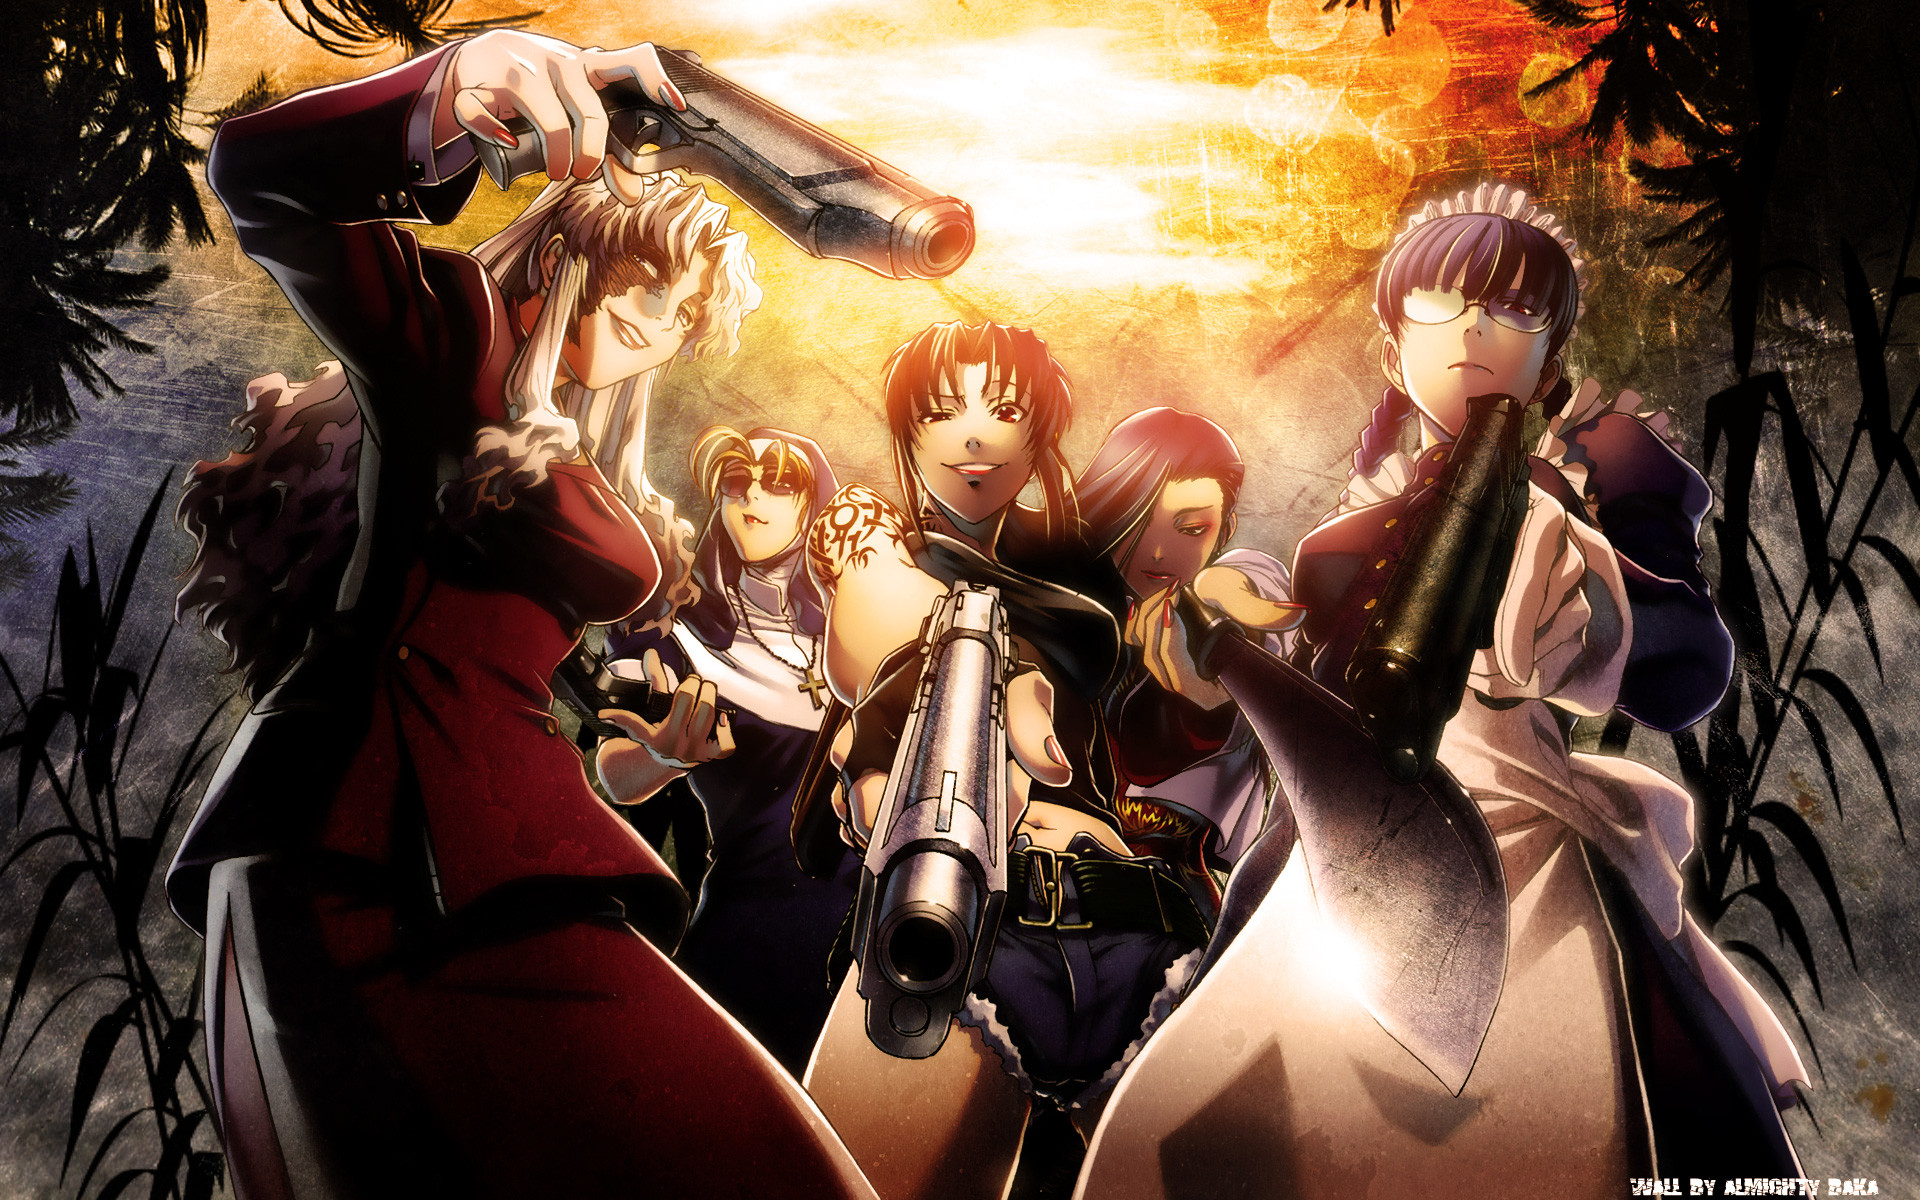 anime_wallpaper_killshot. PHOTOSNIPER. anime_wallpaper_sexy_iphone.  anime_wallpaper_store. anime_wallpaper_burning_forest